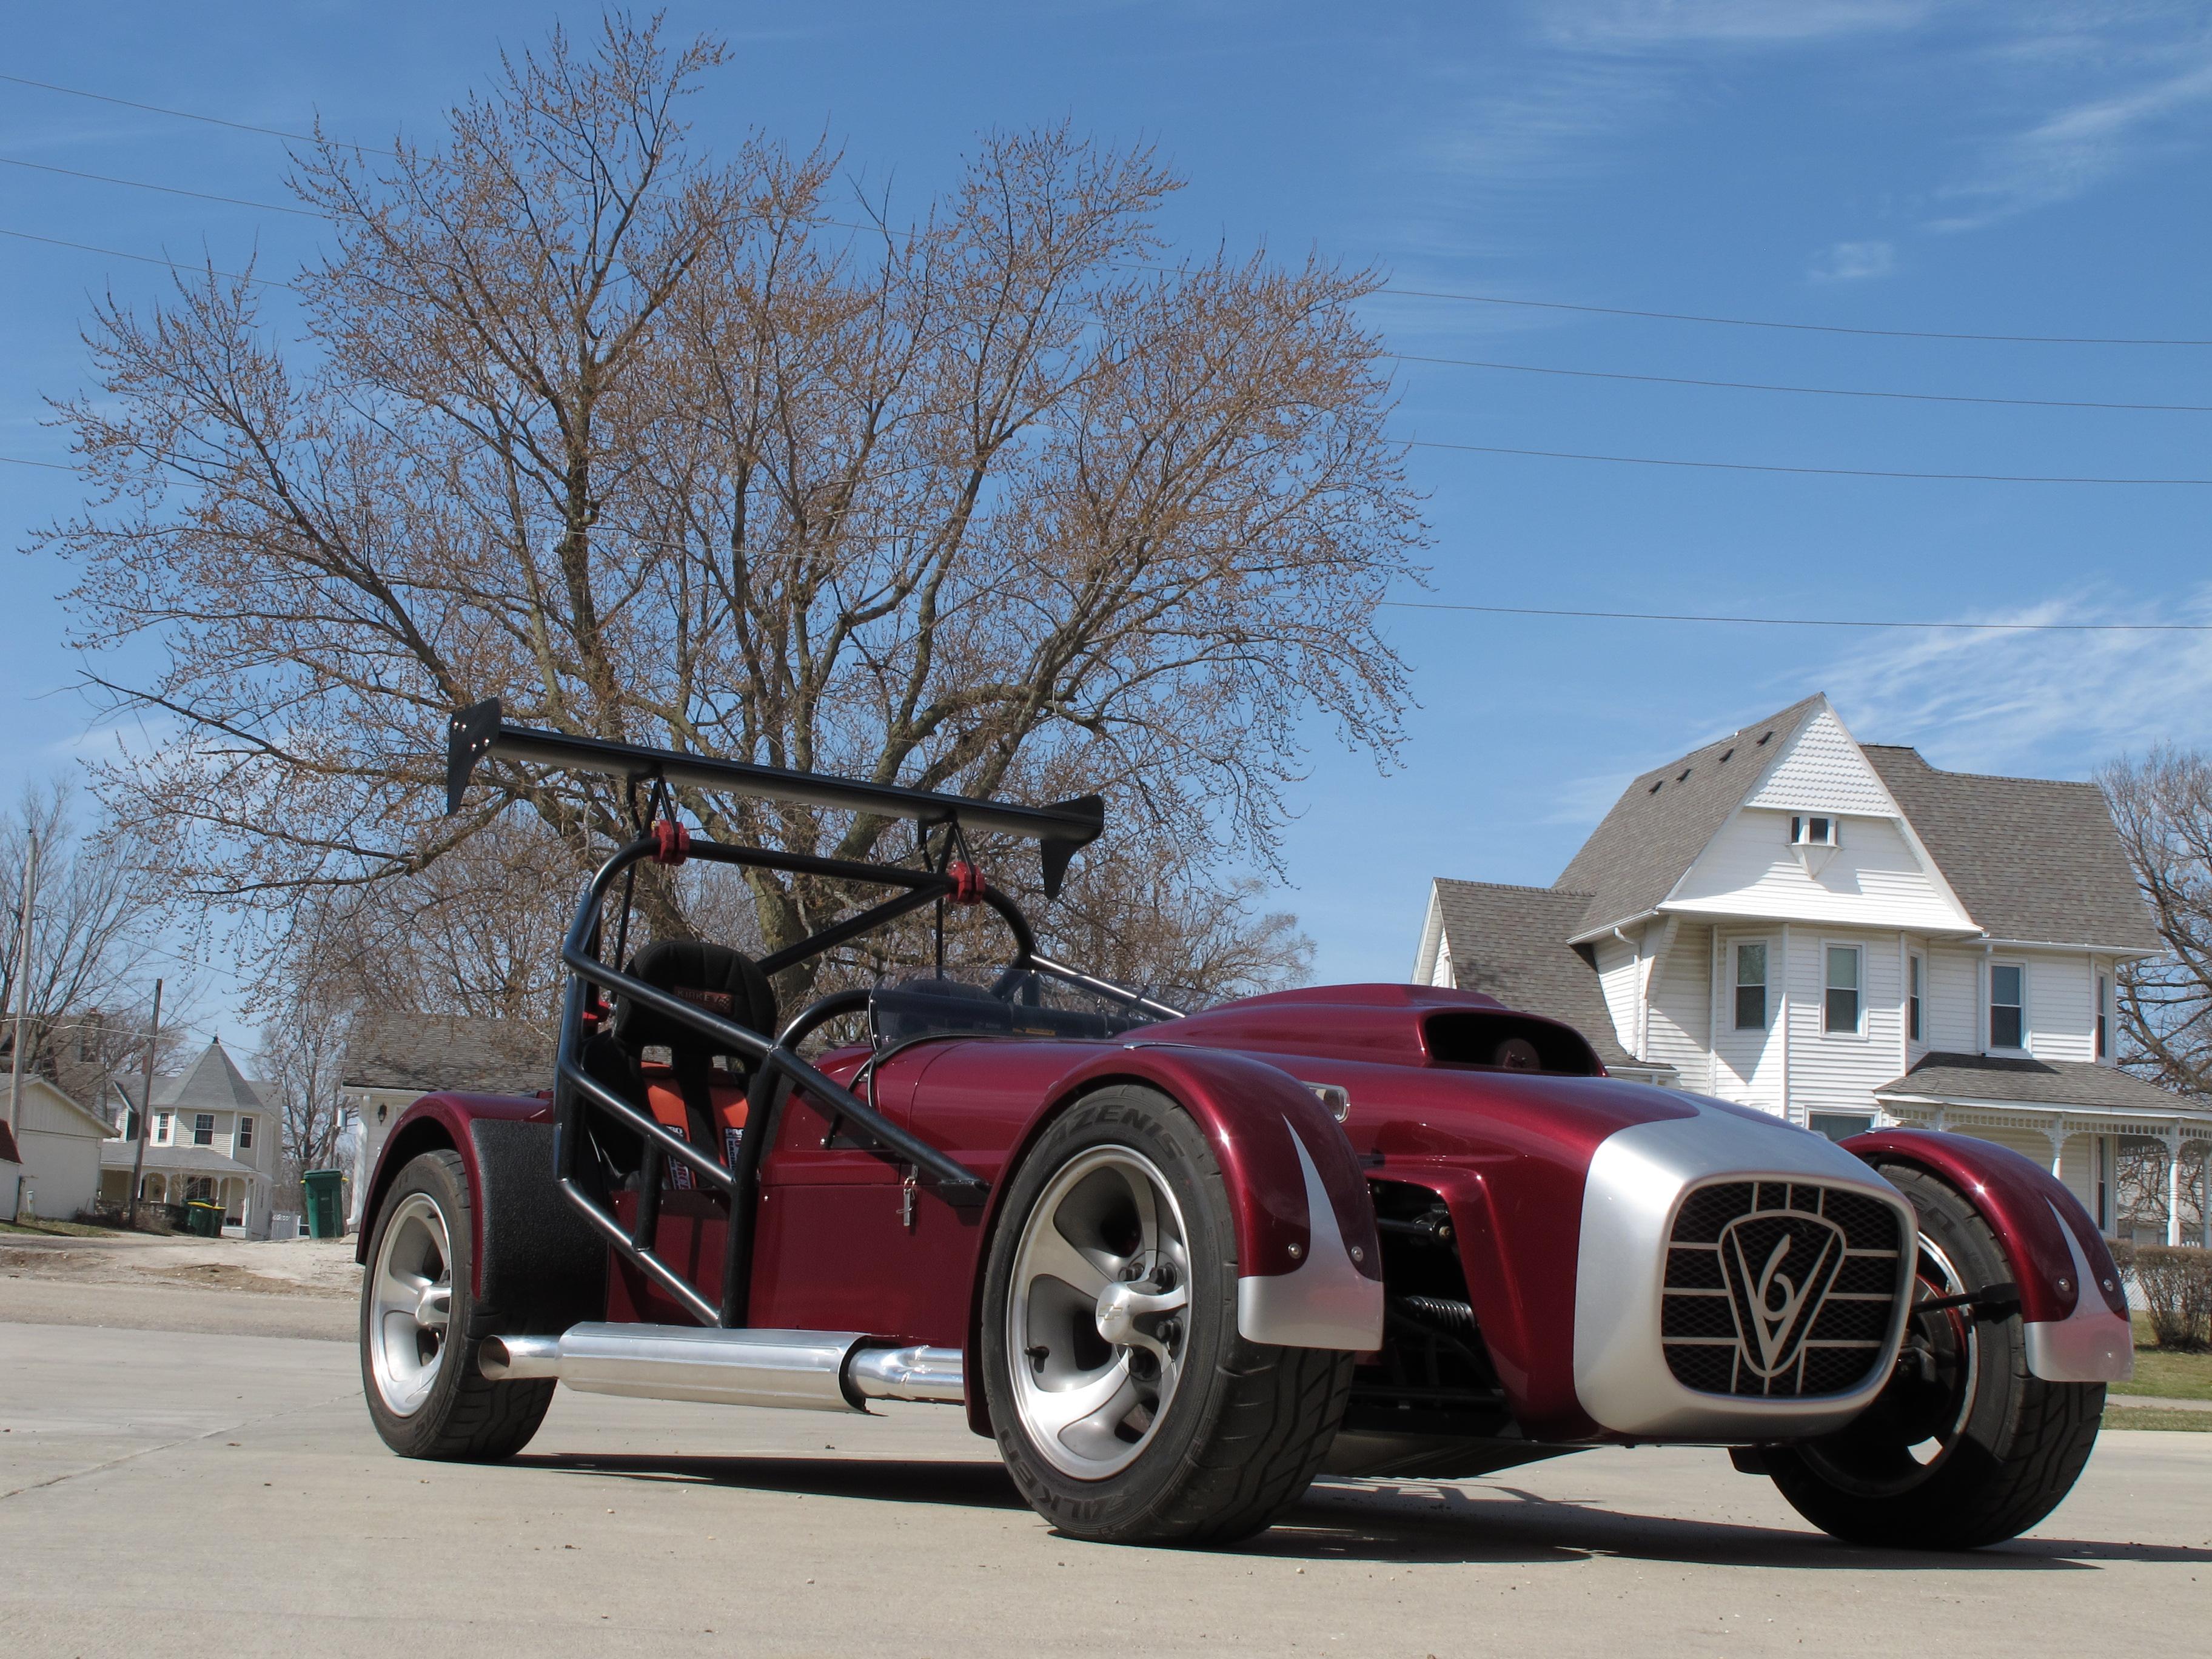 1959 Lotus Super 7 replica